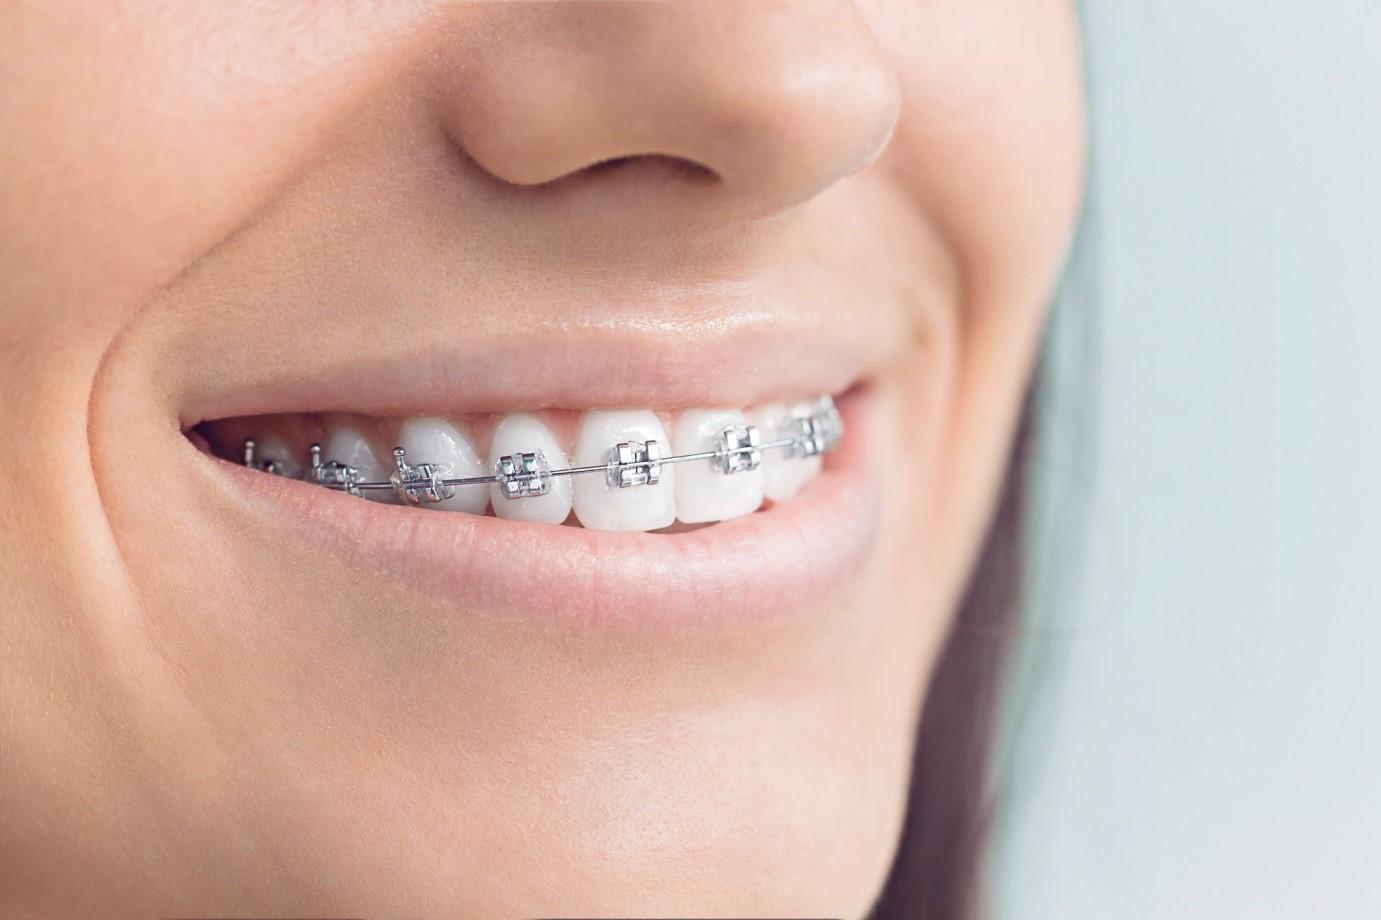 1 6 - ارتودنسي دندان و شايعات موجود!